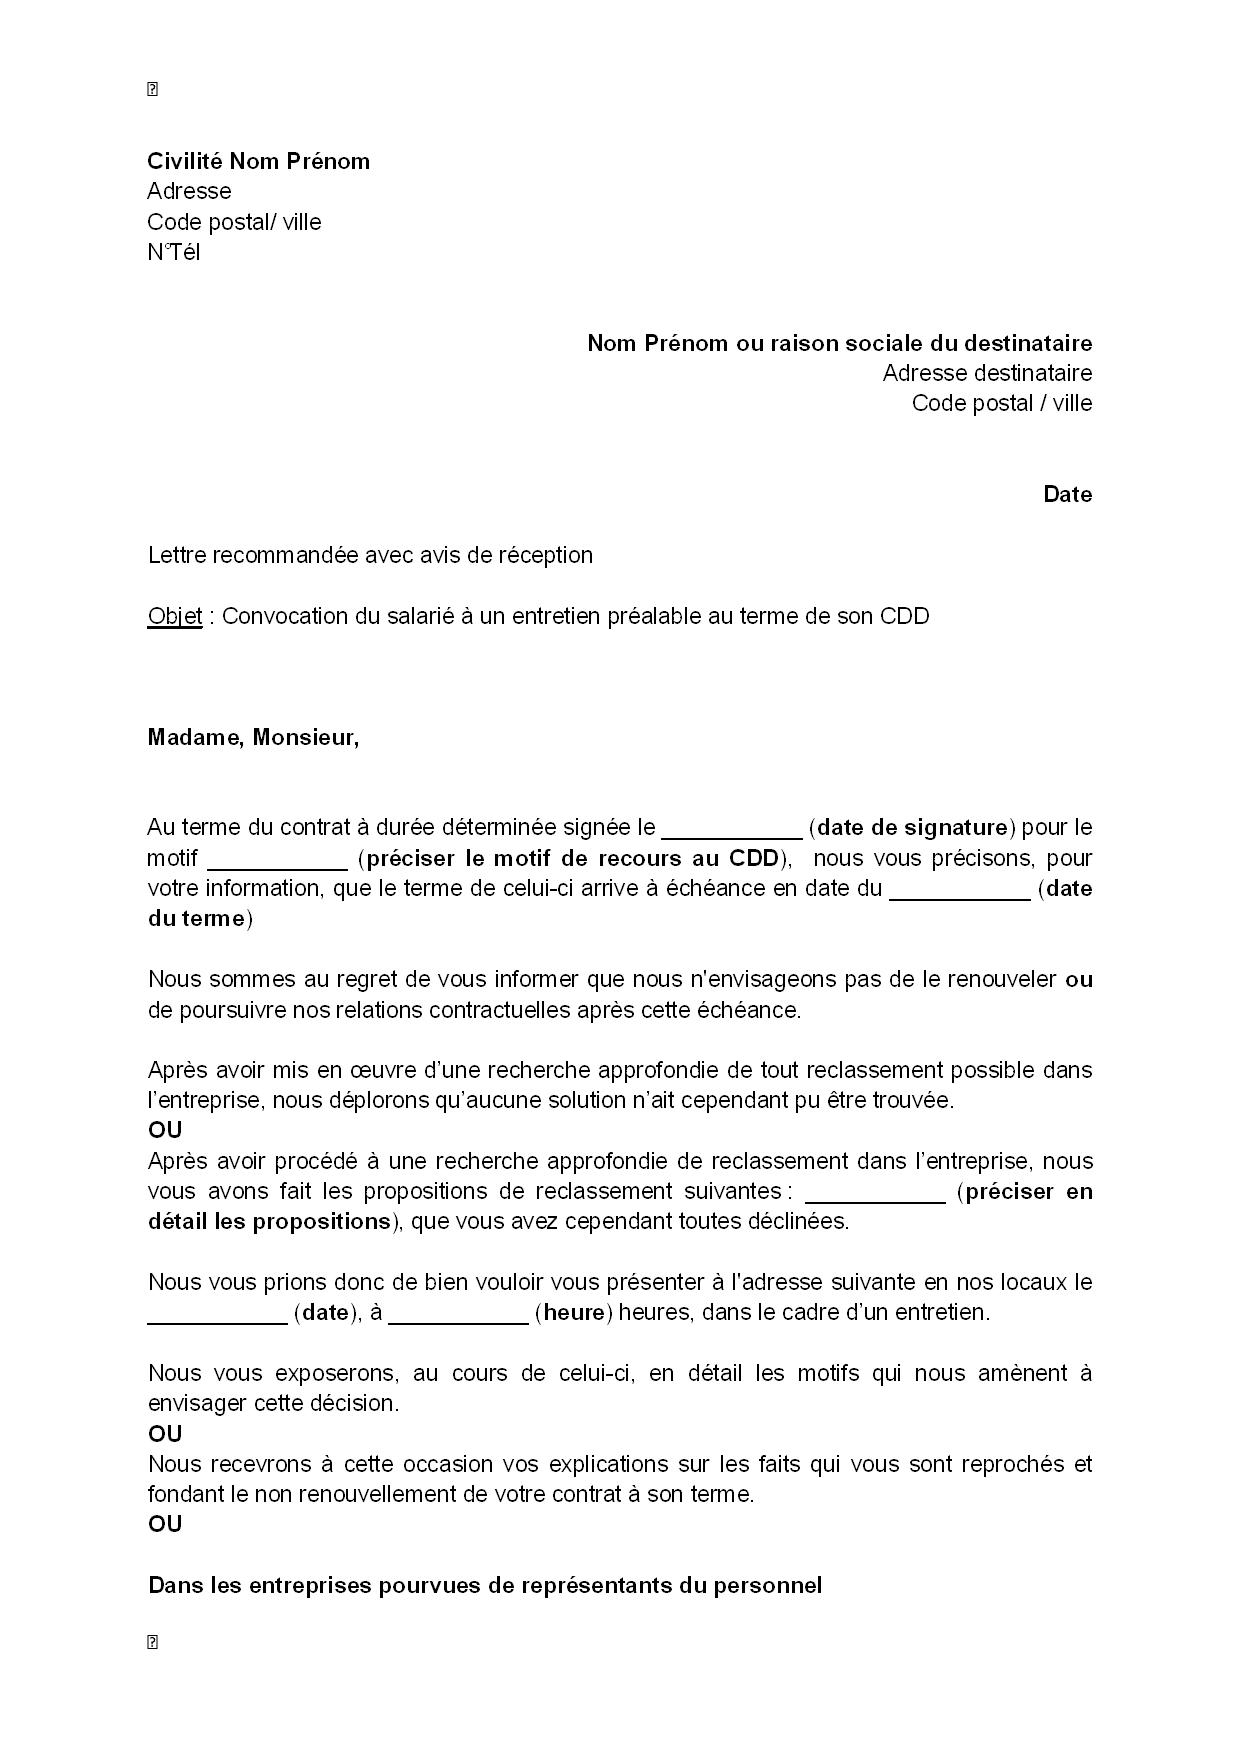 exemple gratuit de lettre convocation salarie  entretien